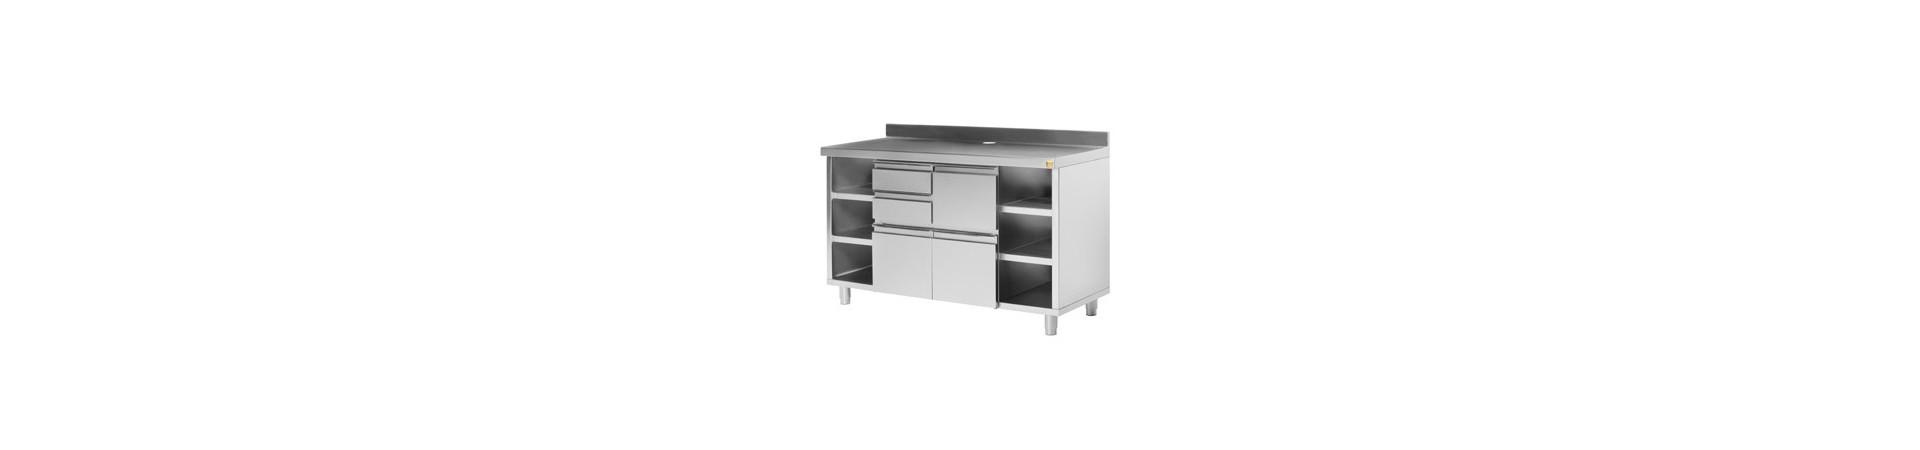 Muebles cafeteros de gran calidad fabricados en acero inoxidable AISI 304 18/10. Compra hoy con garantía.